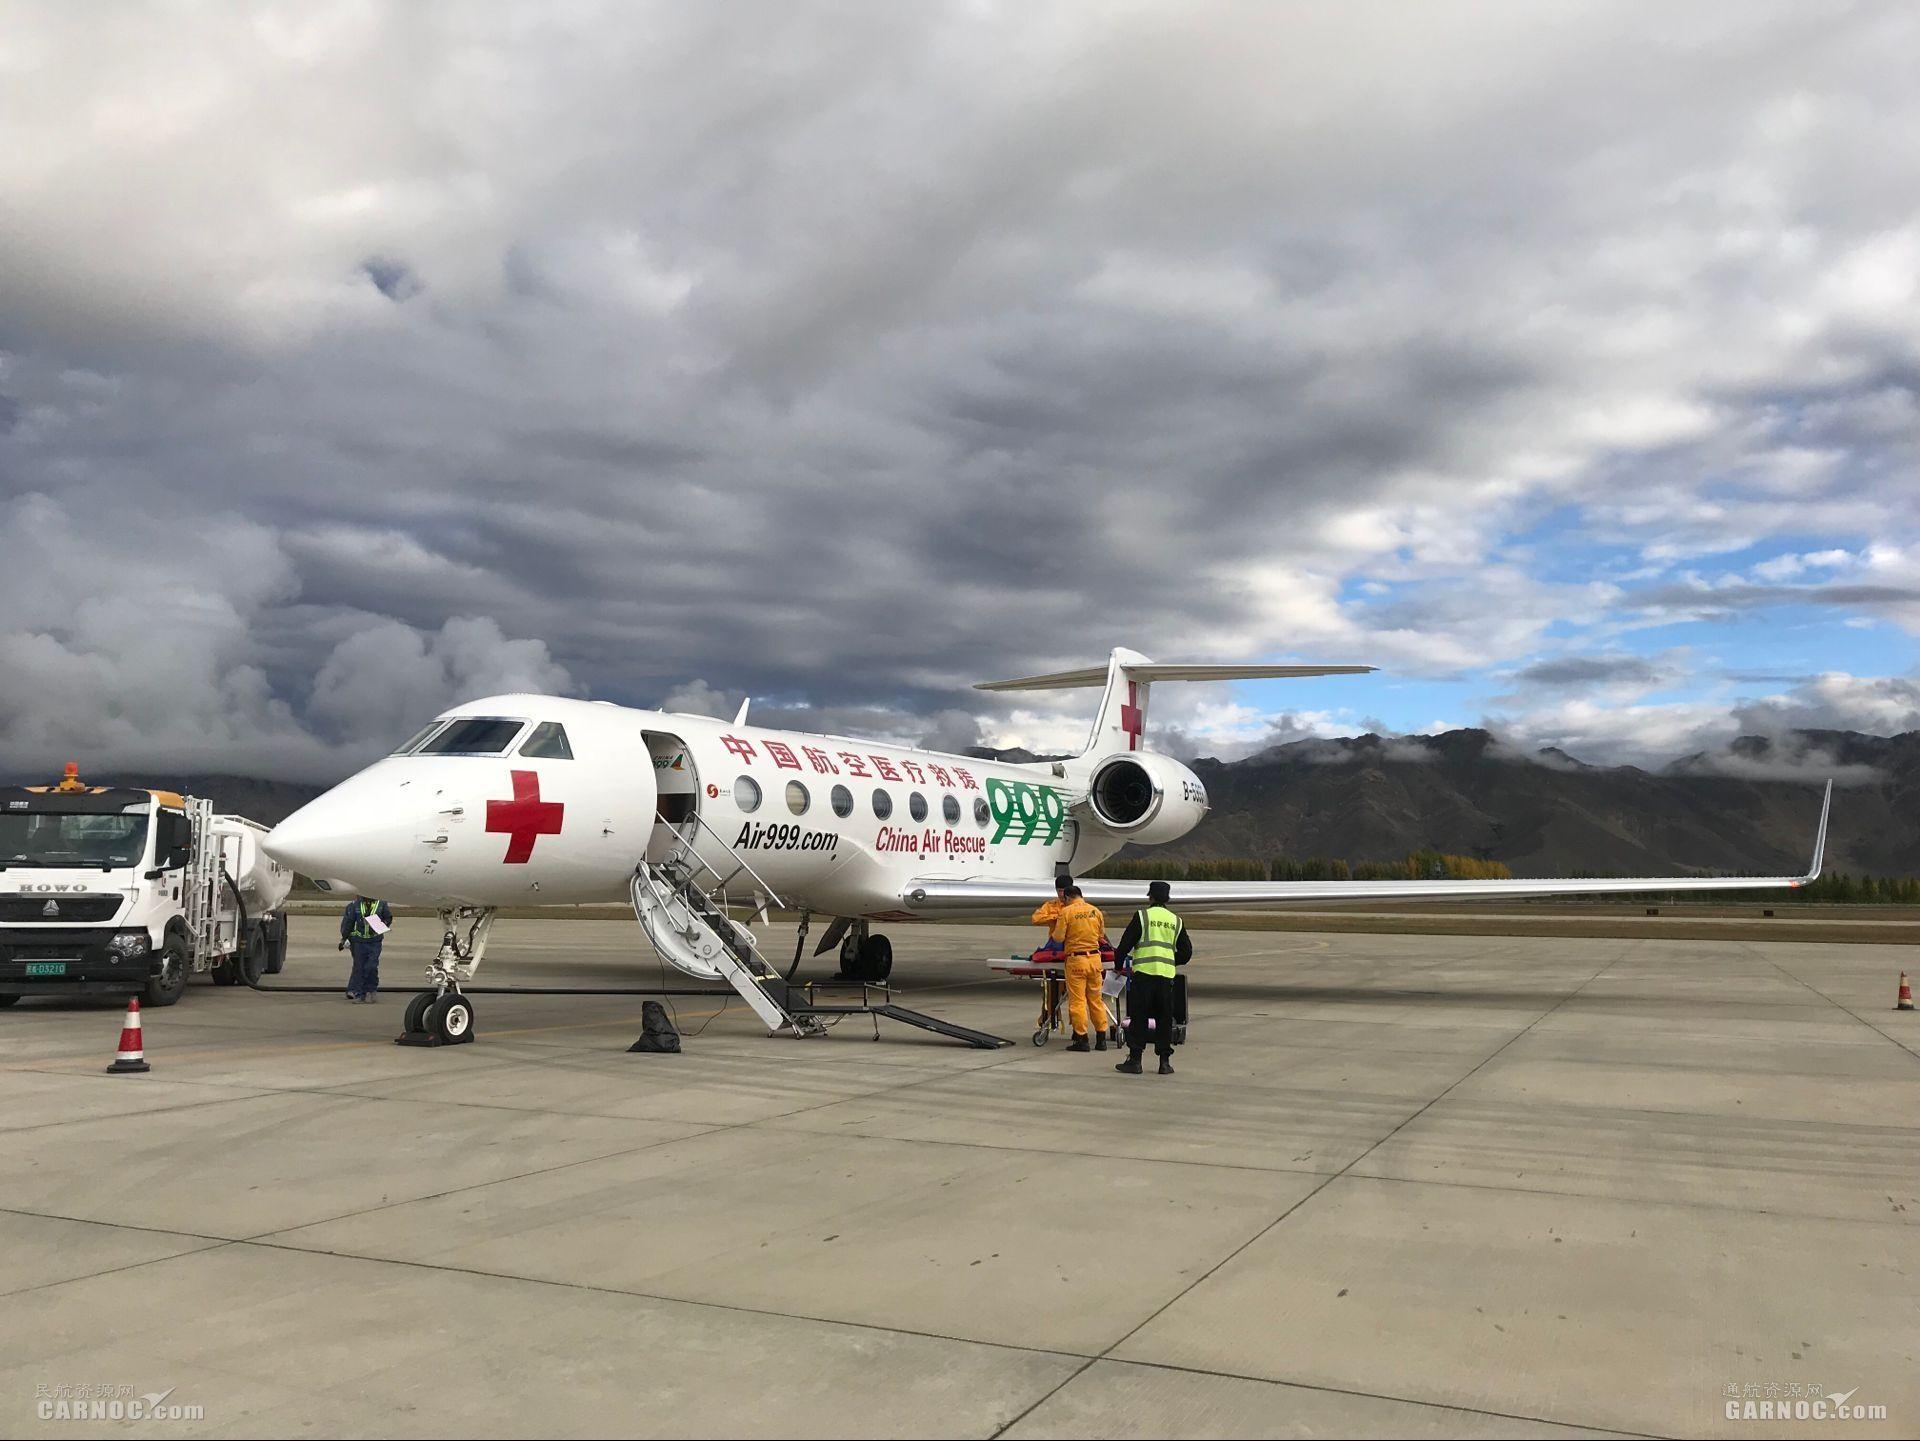 南山公务机2天内执行2次拉萨航空医疗转运任务|新闻动态-飞翔通航(北京)服务有限责任公司